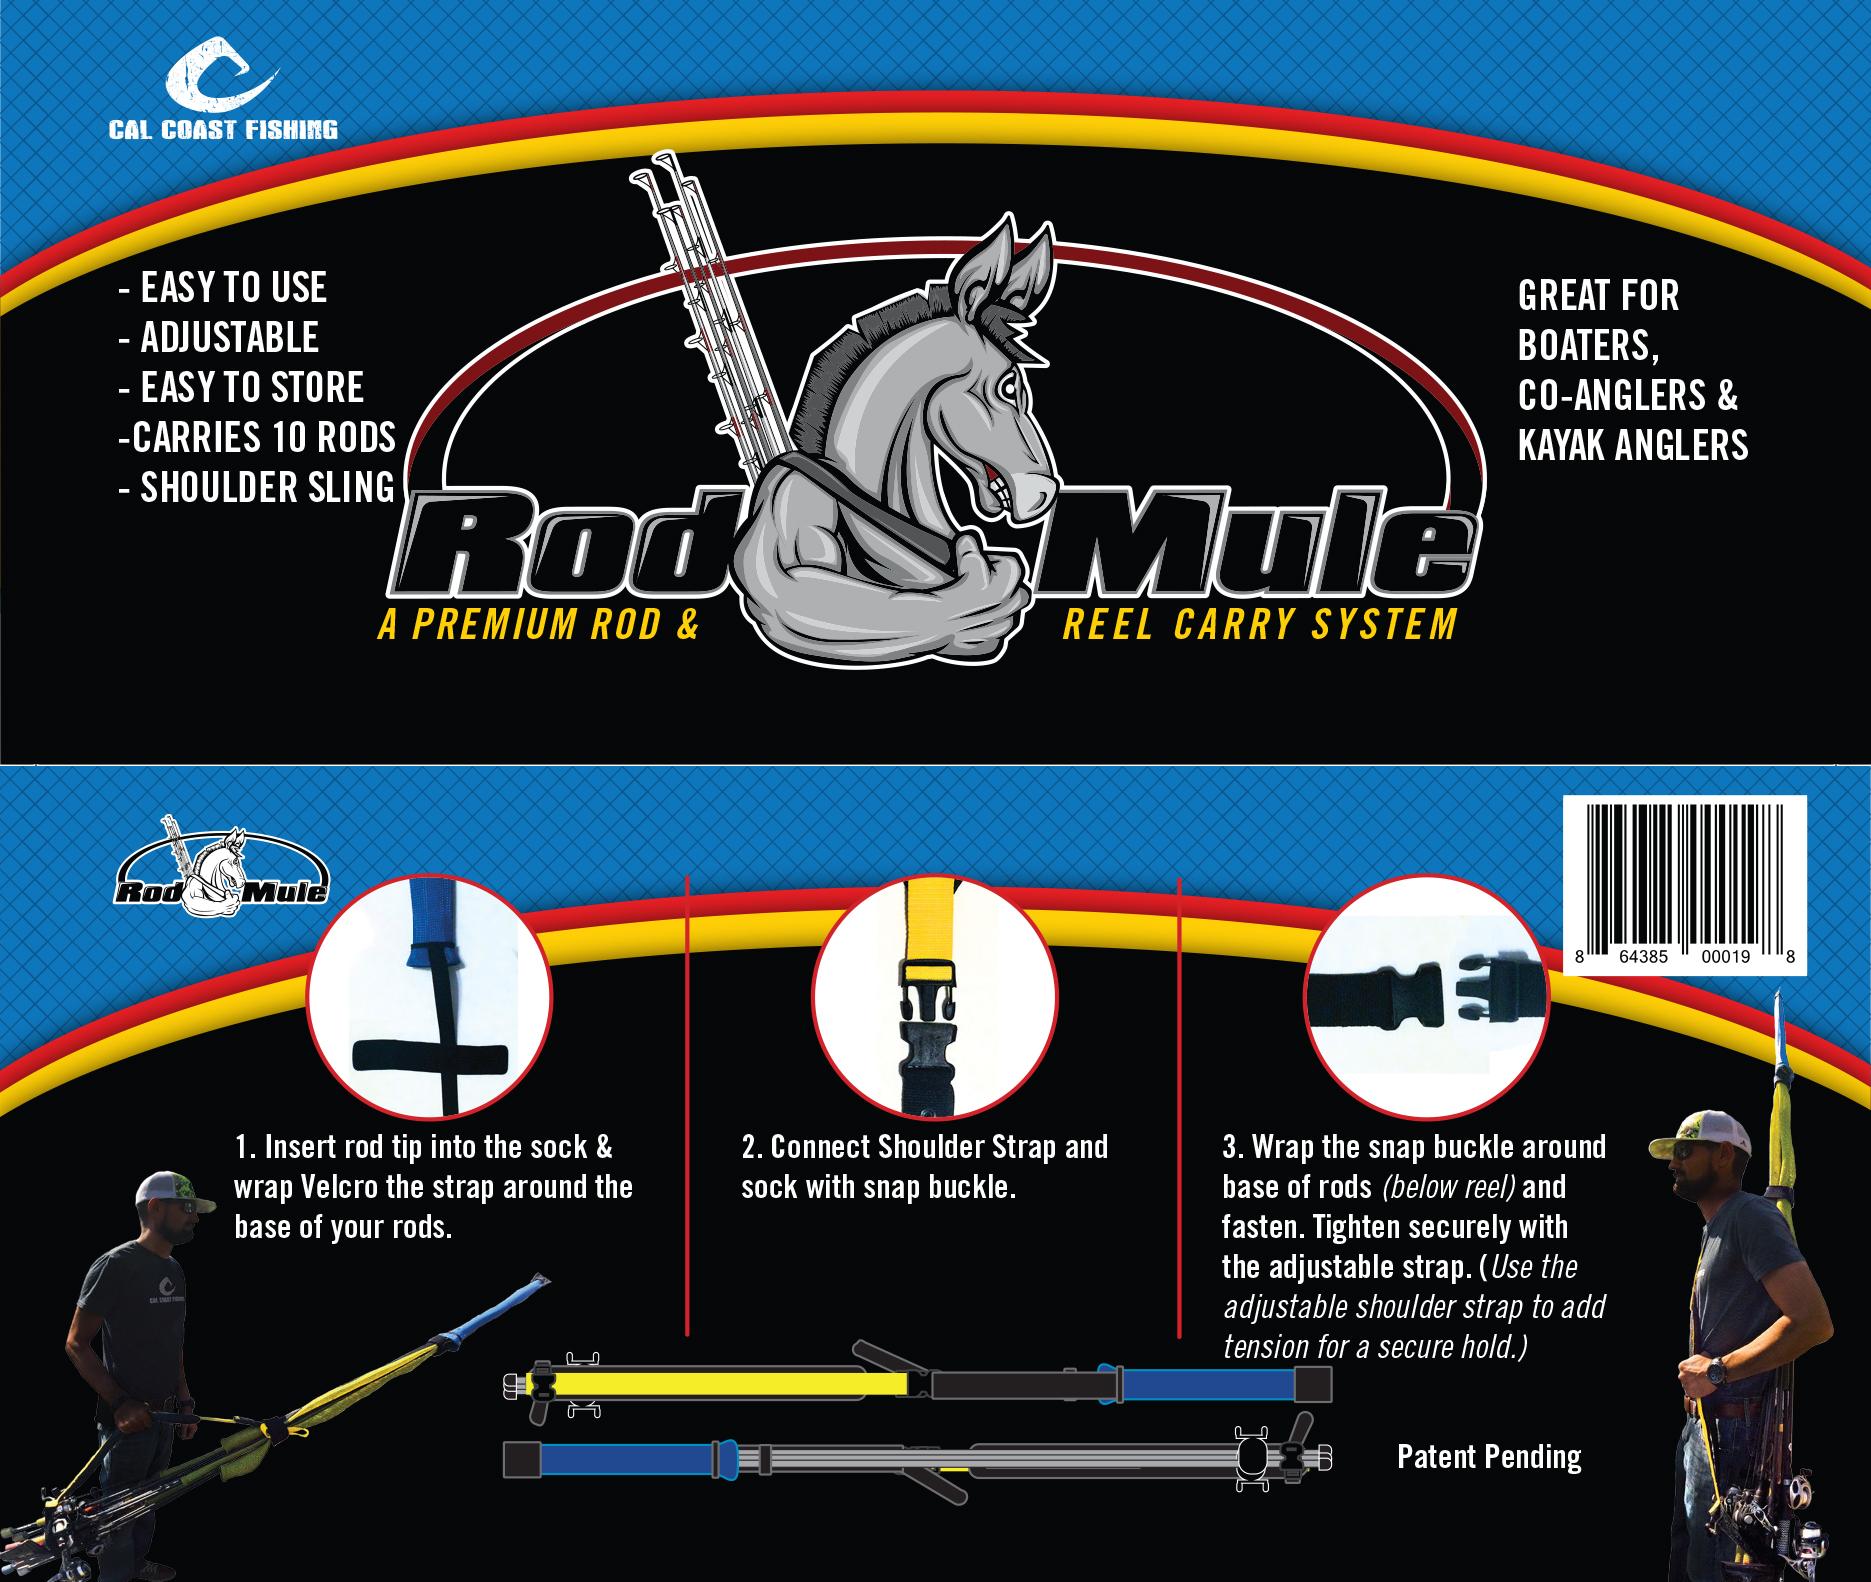 Cal Coast Fishing's Rod Mule